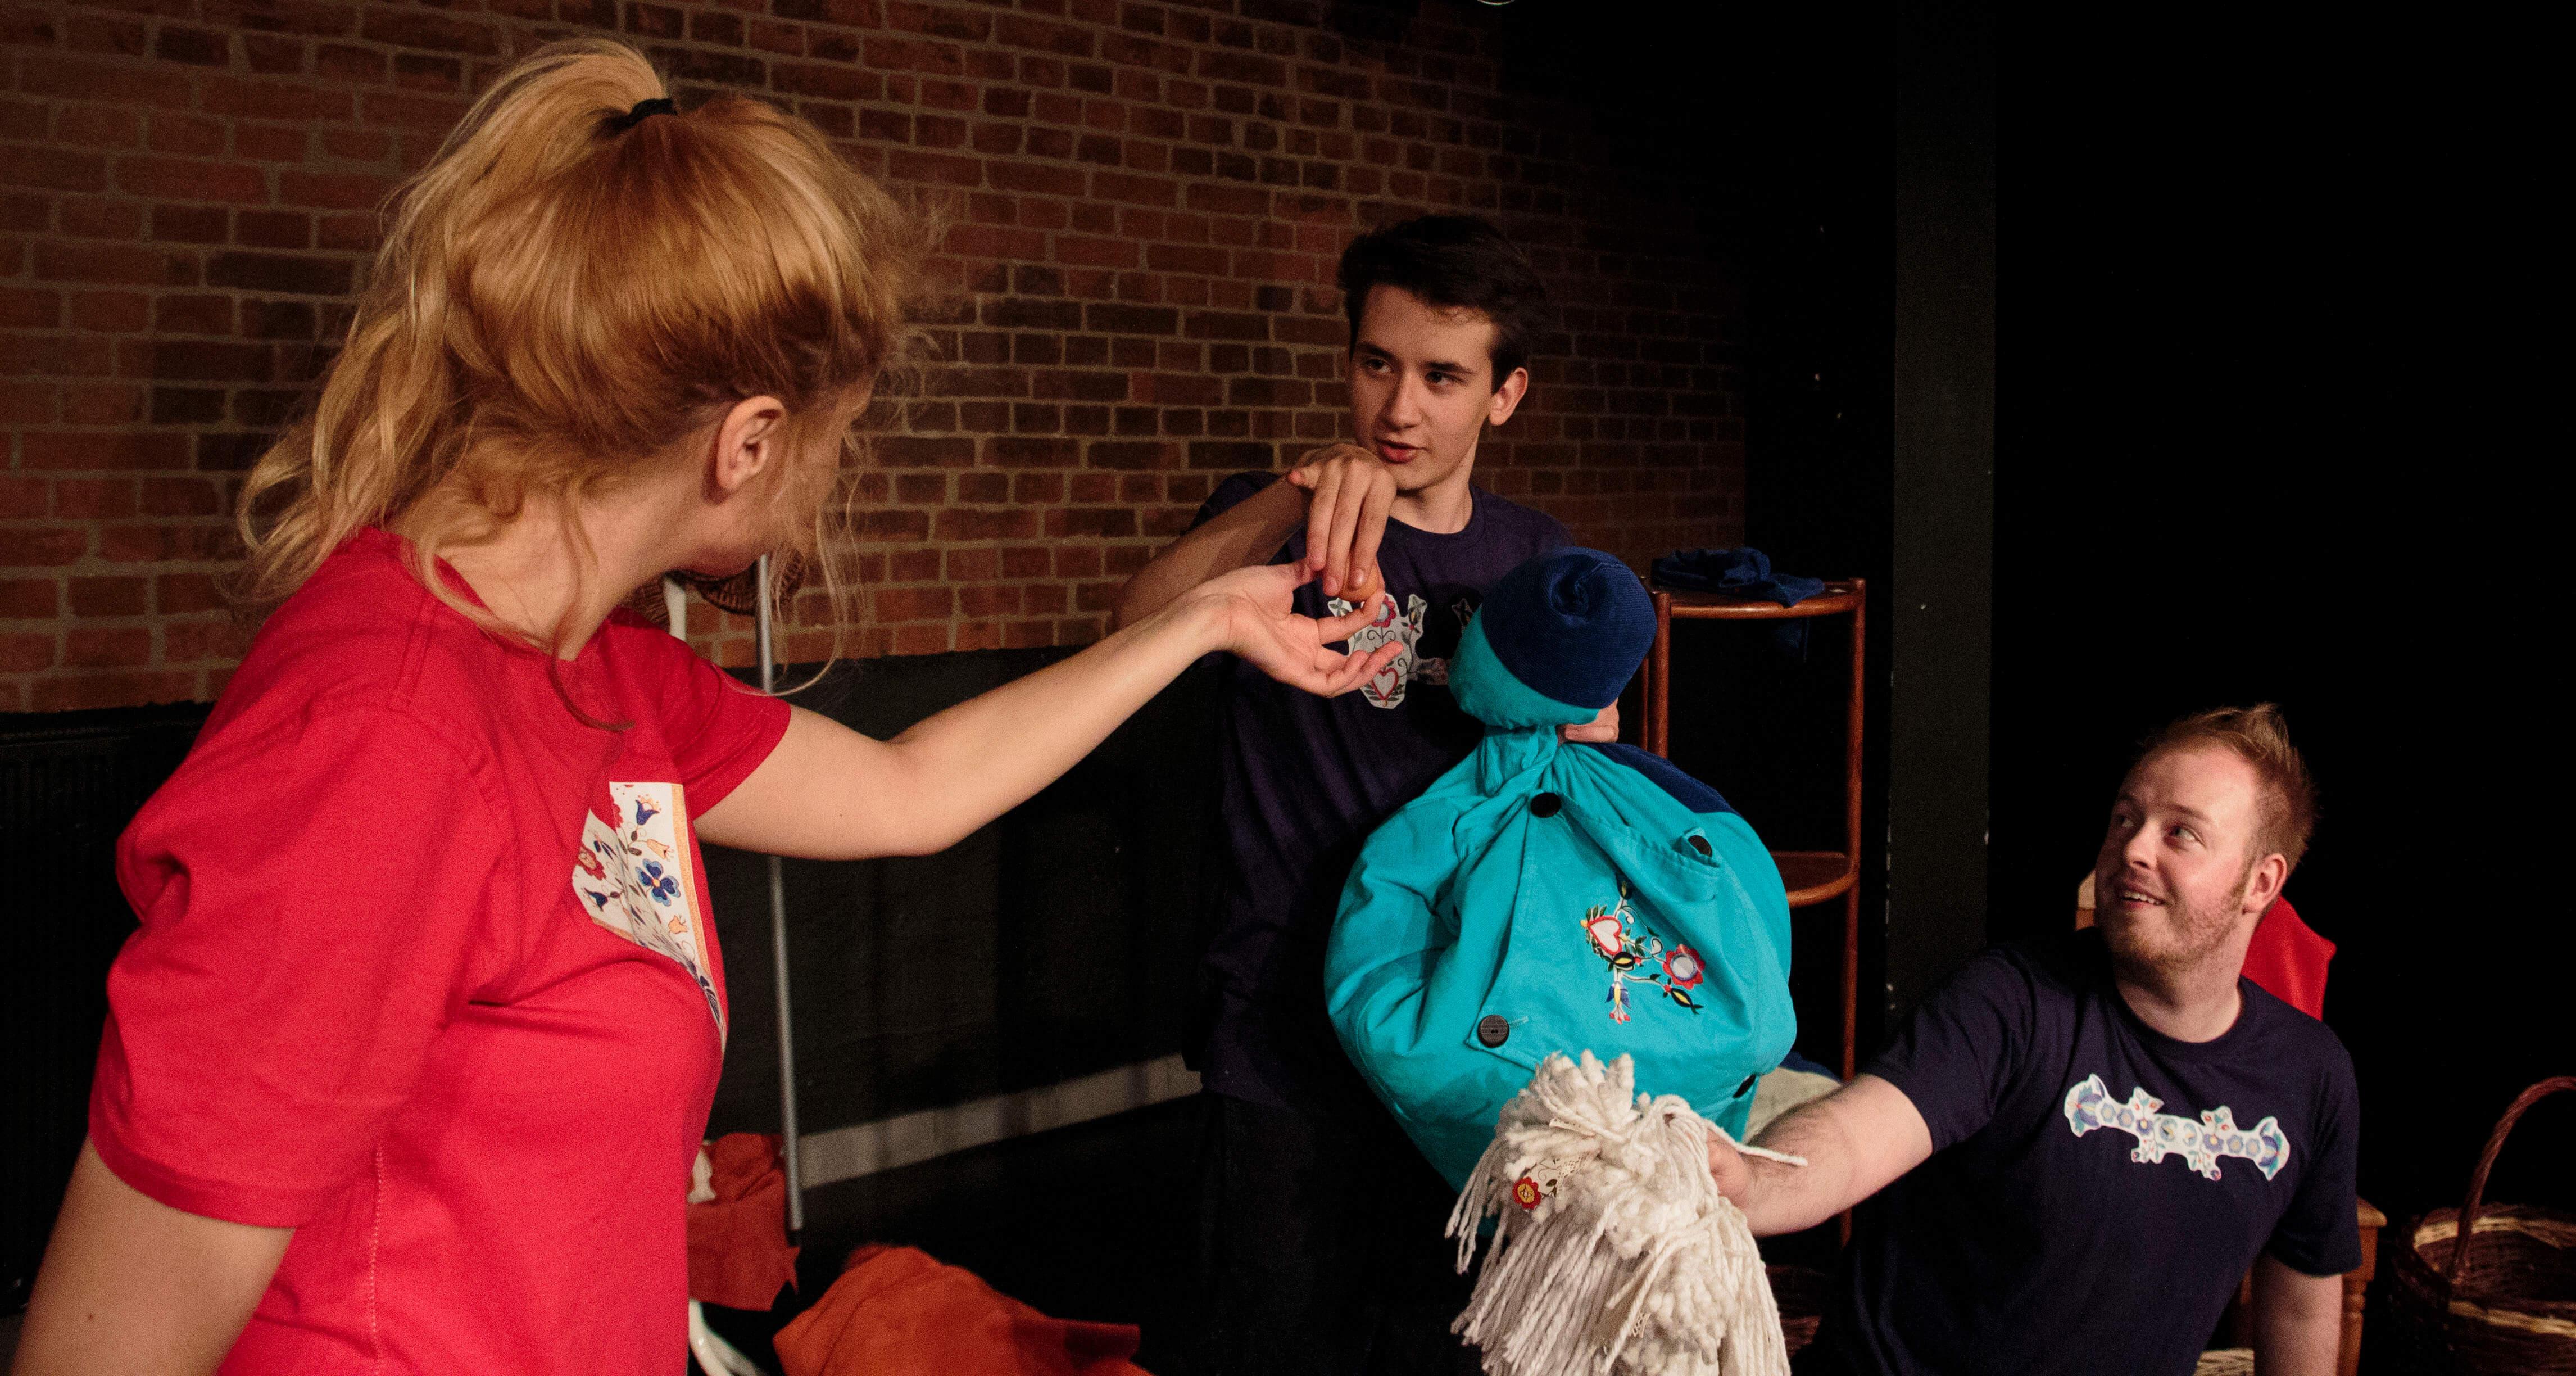 Zdjęcie ze spektaklu Tymoteusz Rym Cim Cim. Trójka aktorów. Aktorka w czerwonej koszulce podaje aktorowi jako. Drugi aktor trzyma mopa.